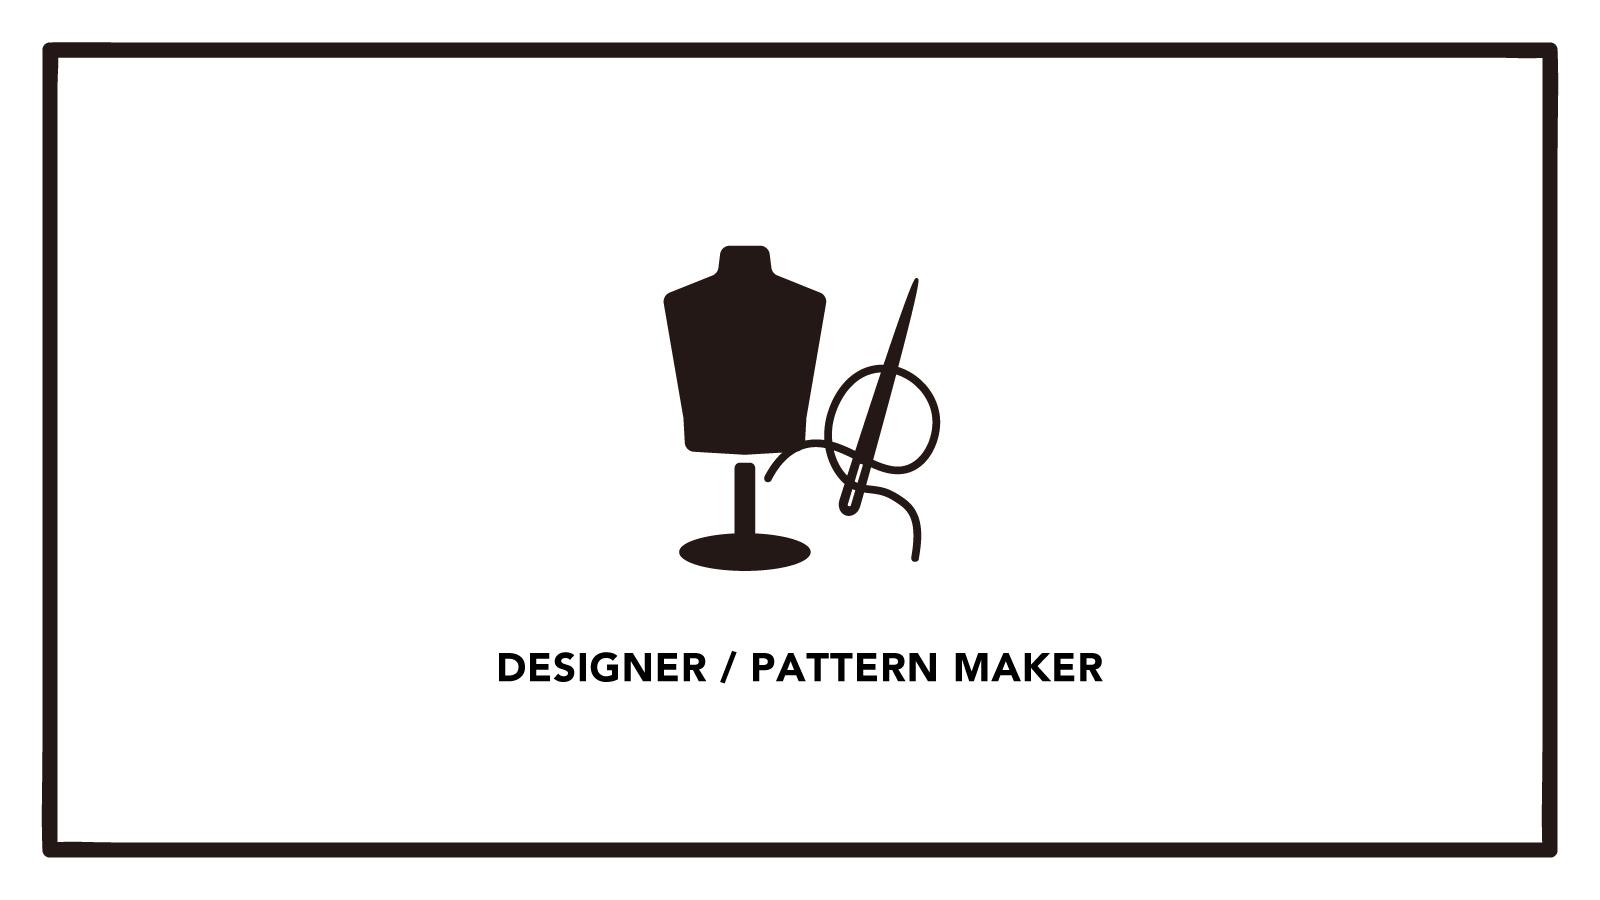 【企画デザイナー】メンズルームウェアの企画デザイナー募集!のカバー写真